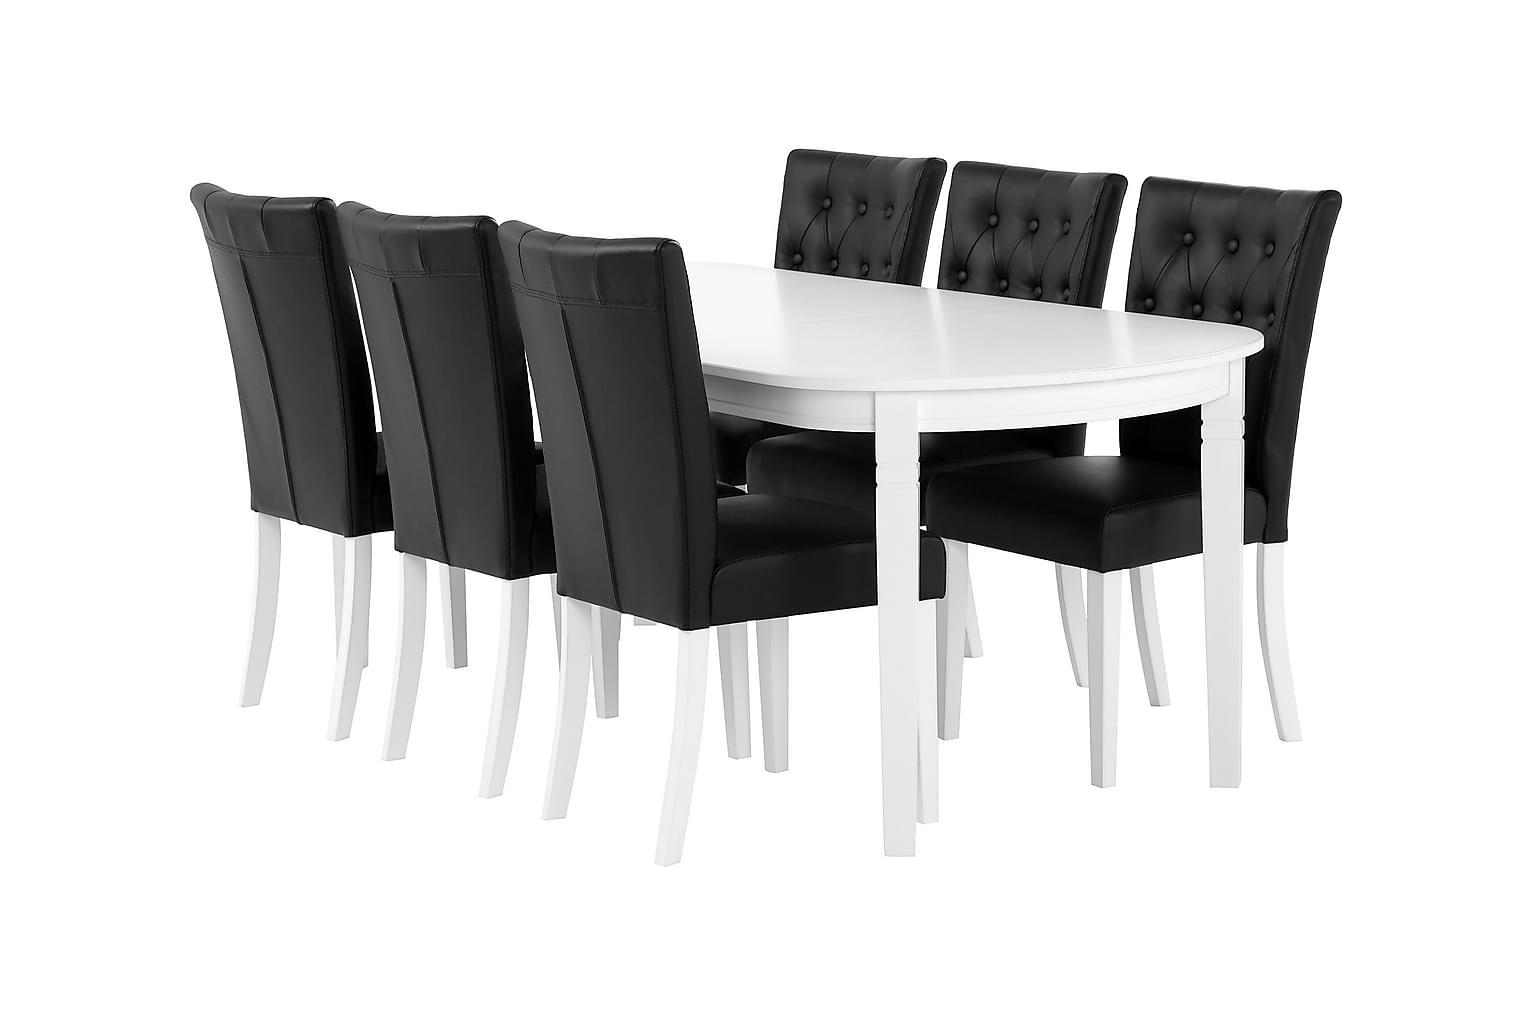 BERGSTRÖM Pöytä 160 Valkoinen + 6 KUNGÄLV-Tuolia Musta